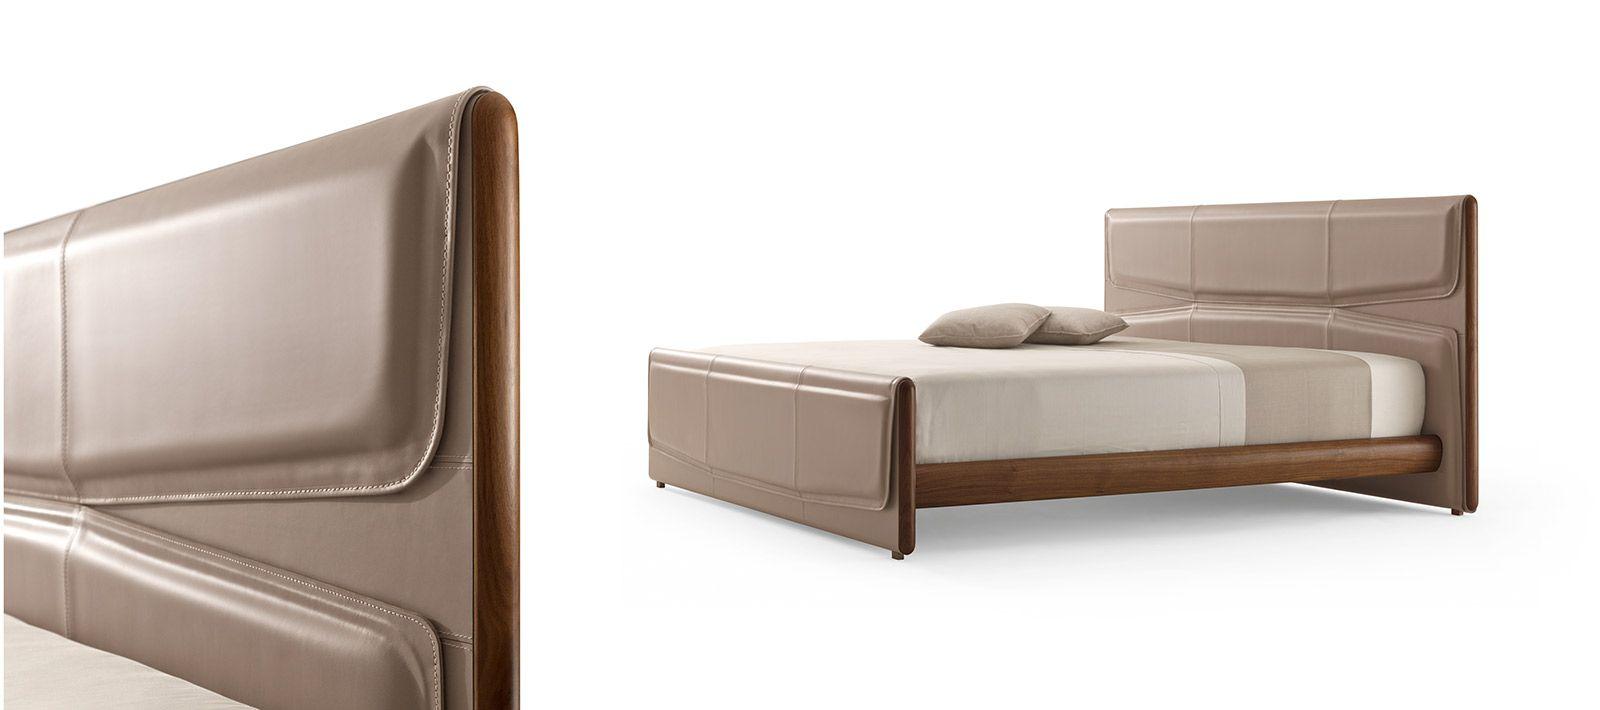 Pochette Letti e comodini (With images) Furniture, Bed